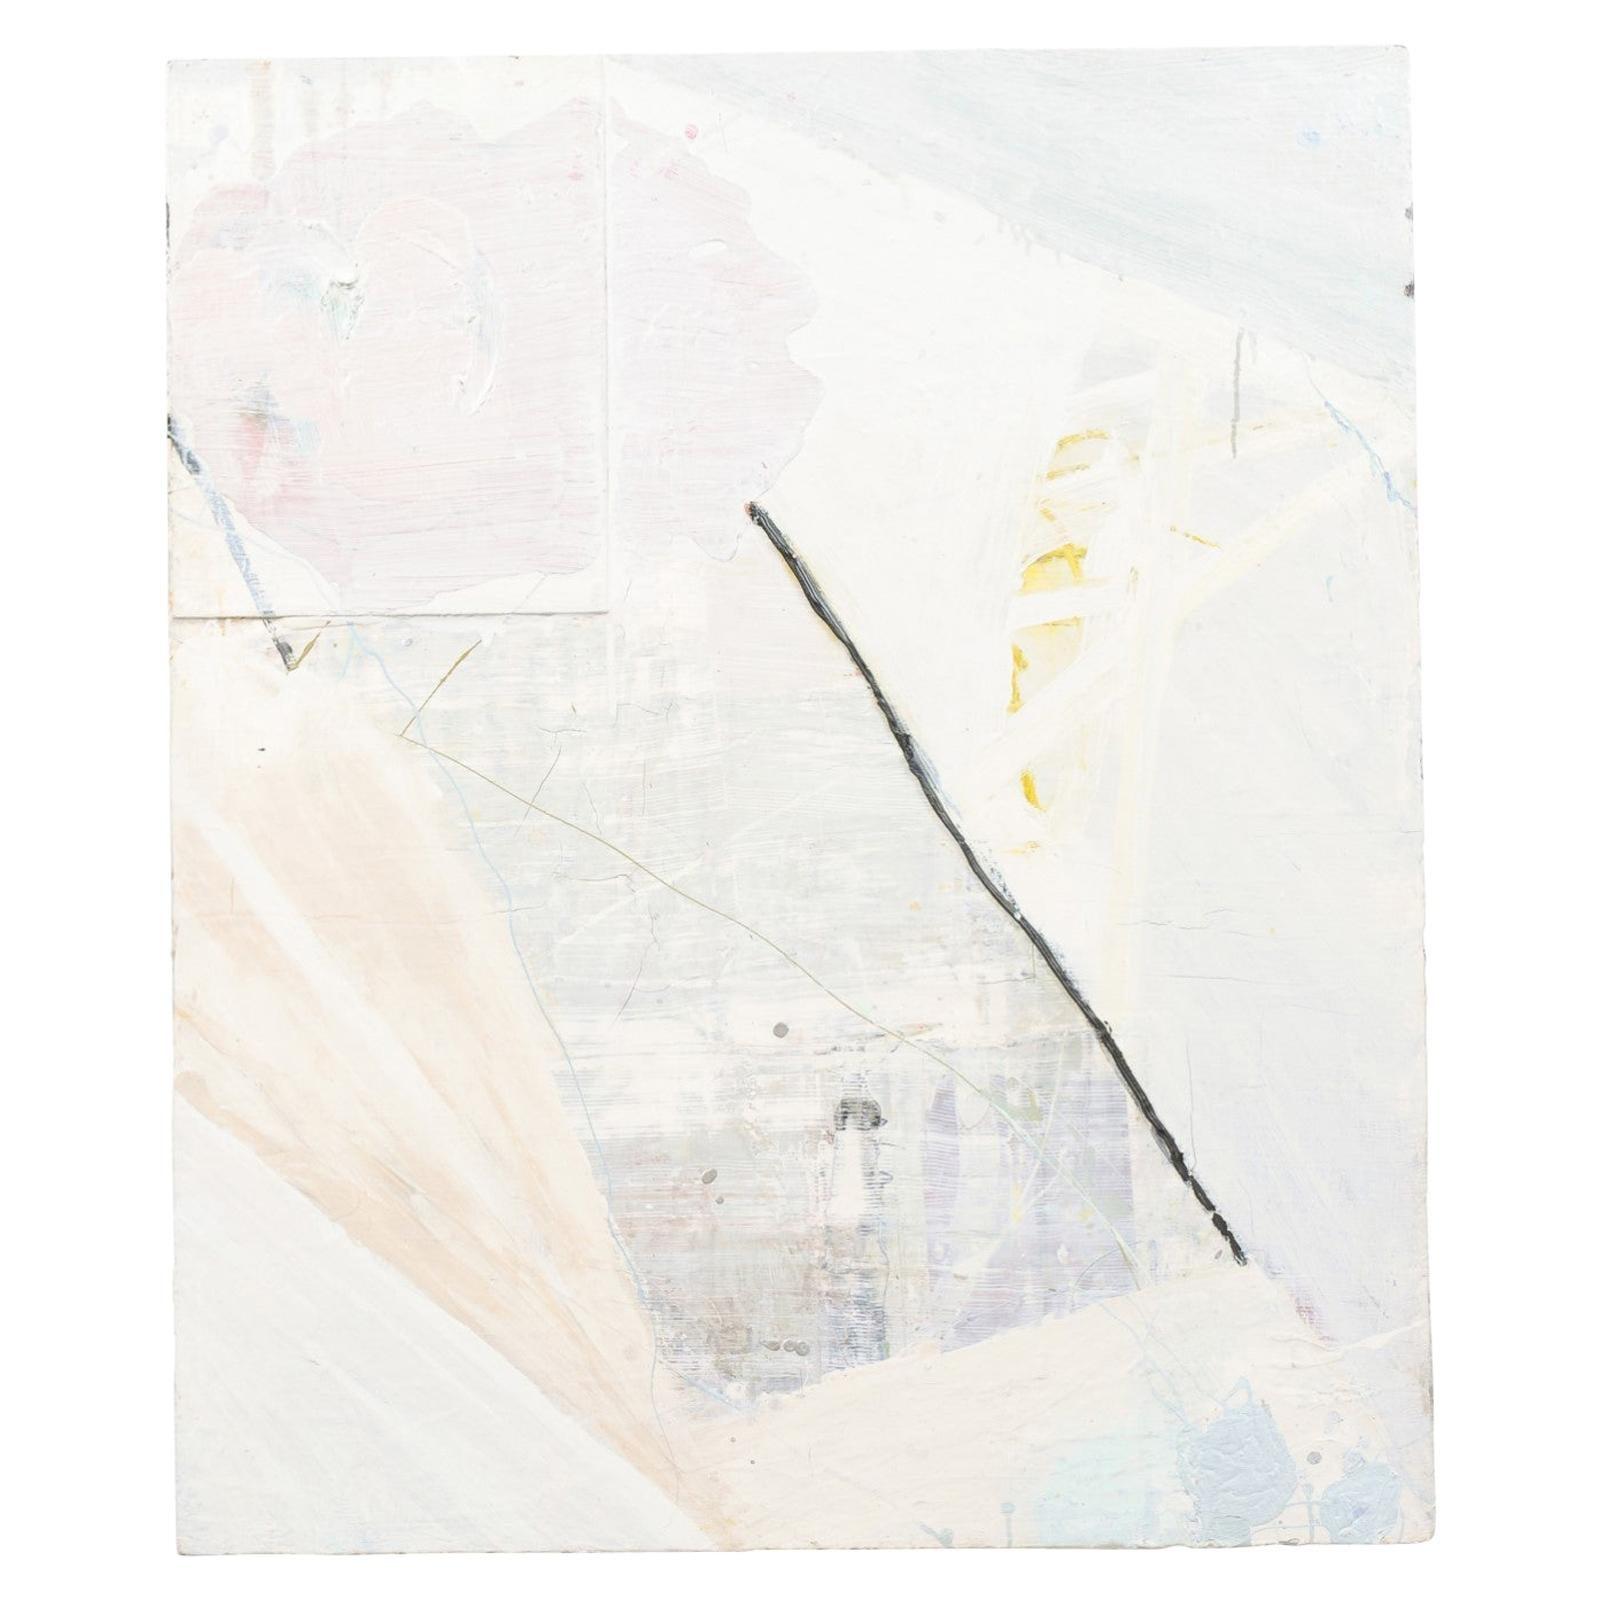 Bernd Haussmann, My Sceret Work Series, Abstract, #1187